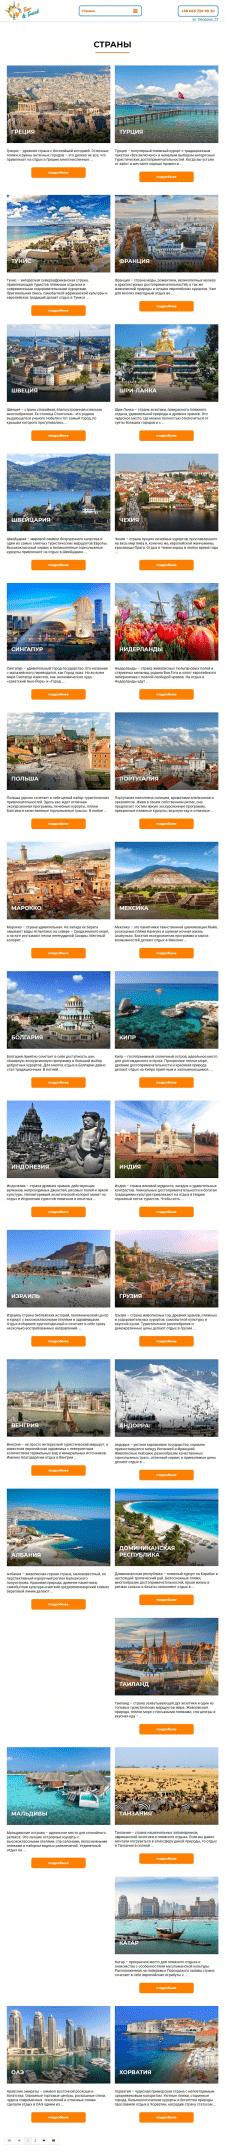 Статьи для раздела Страны с оформлением на сайте